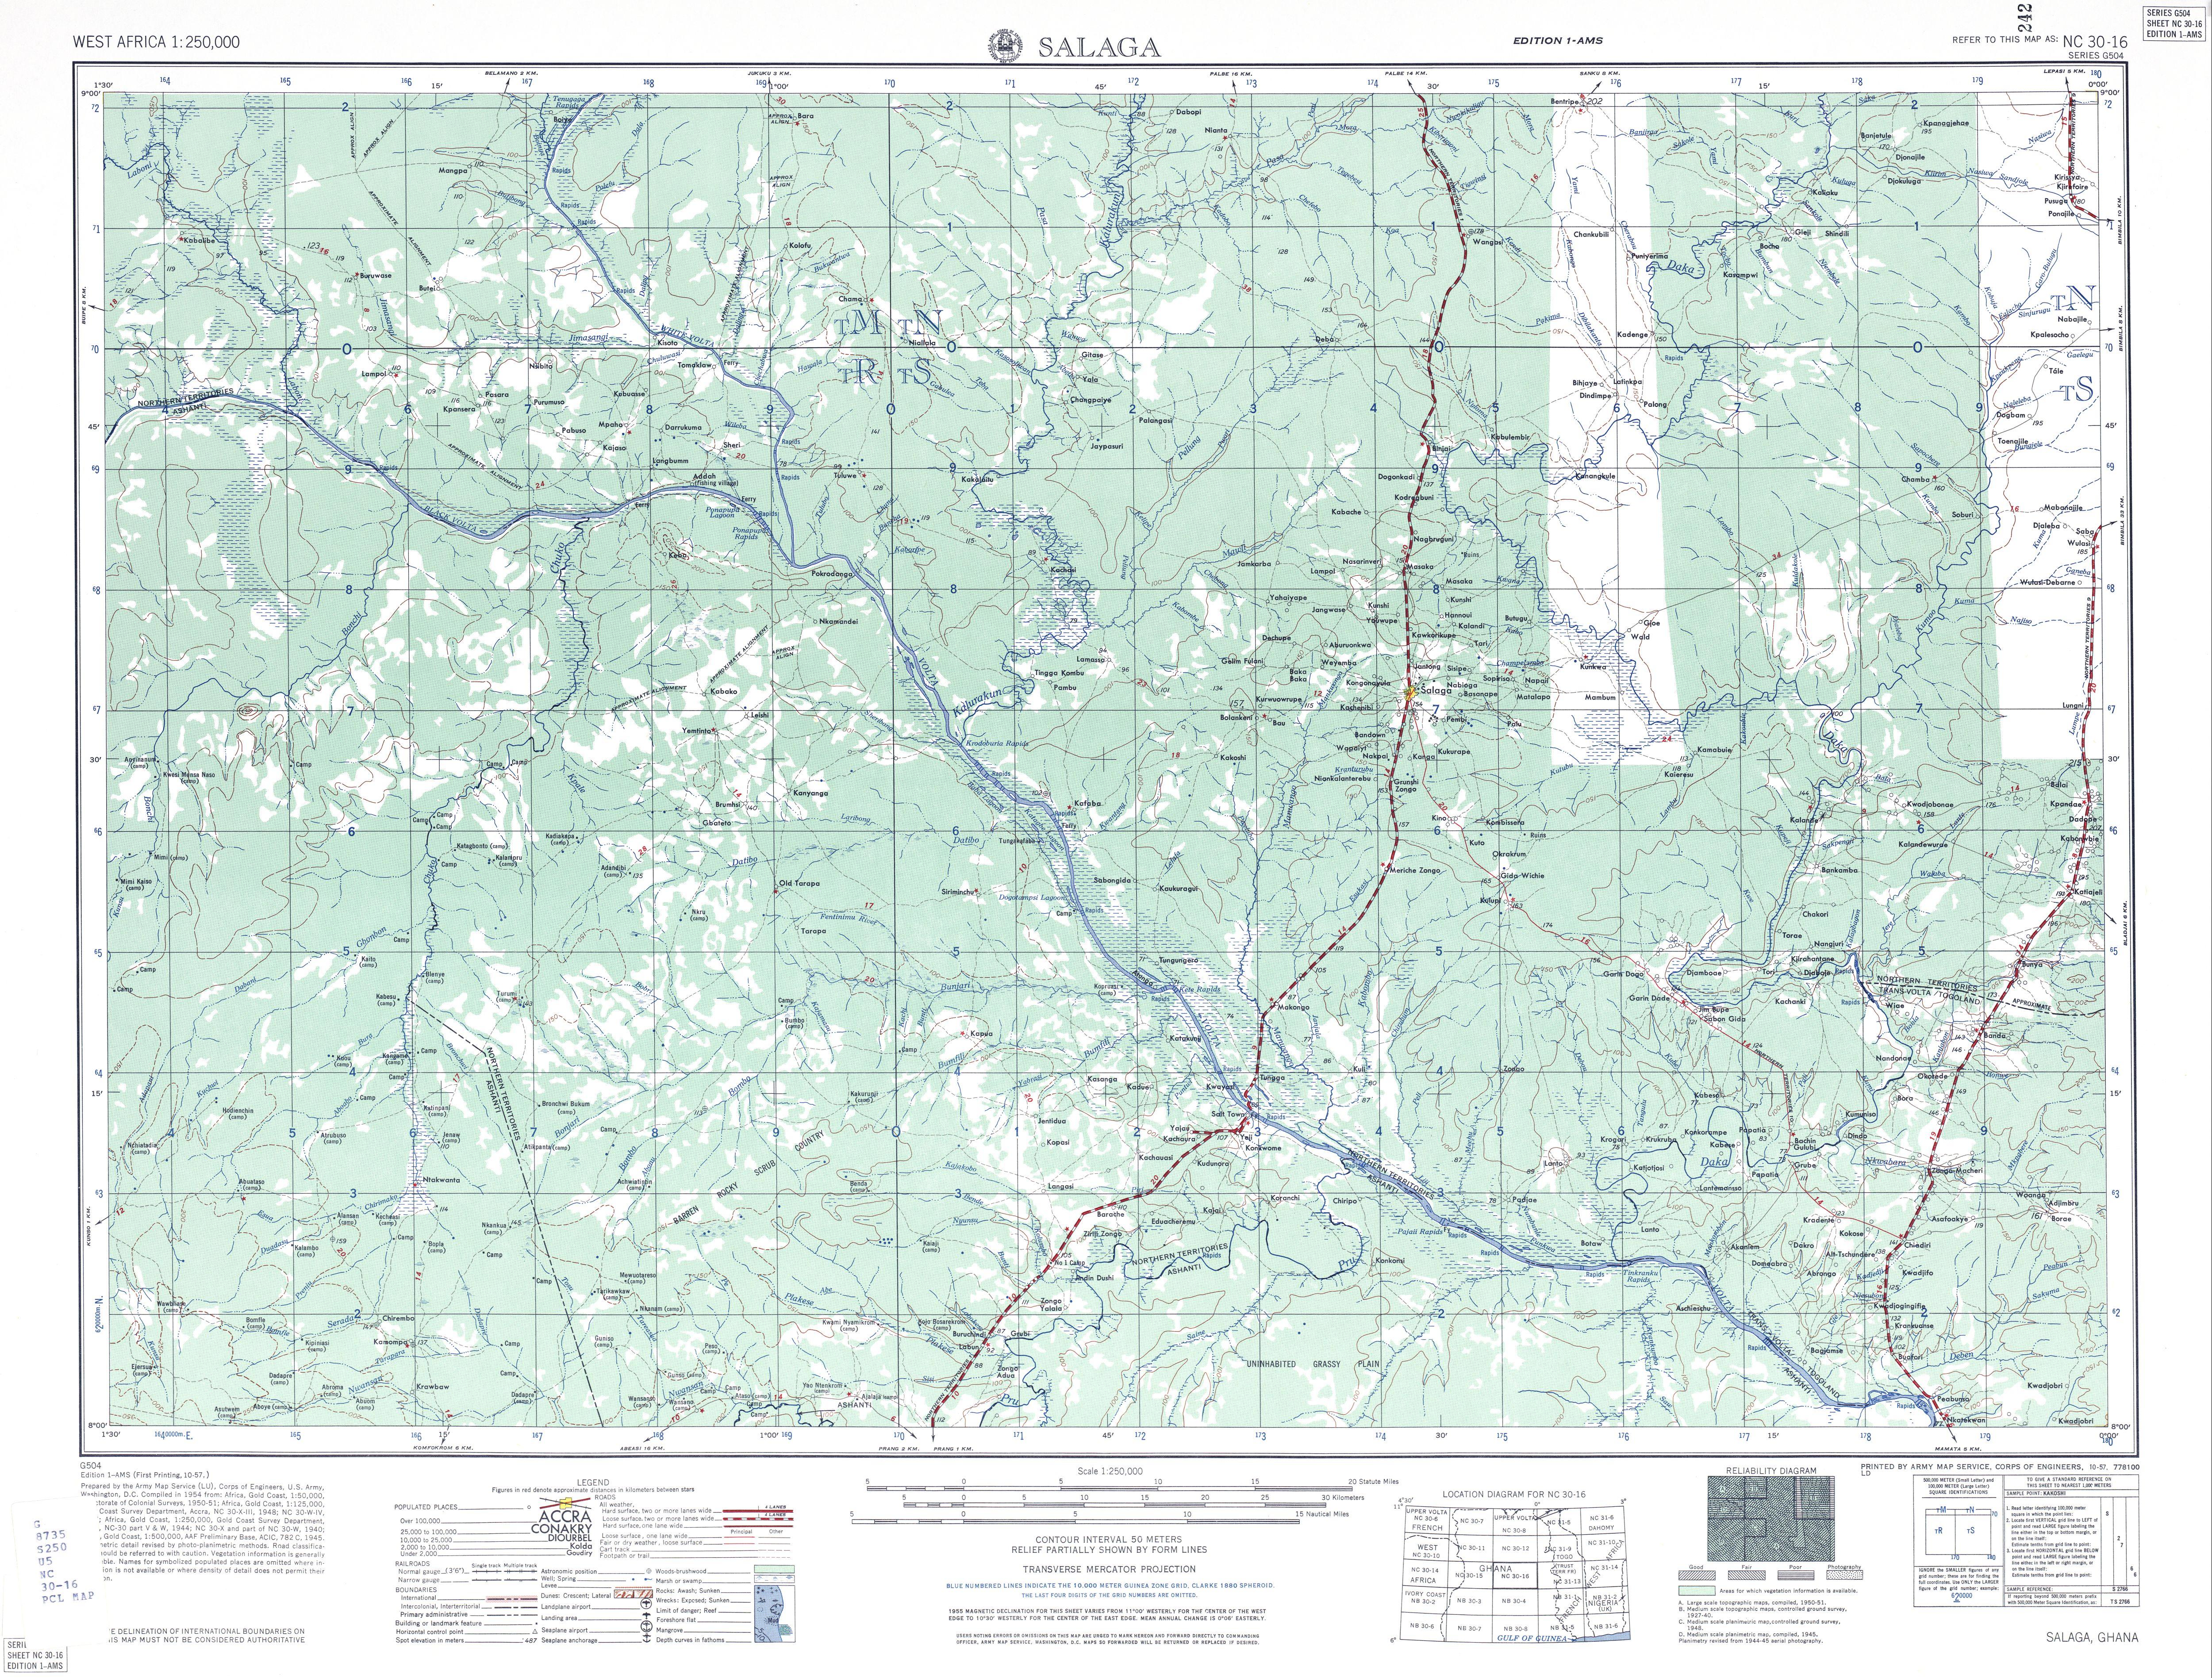 Hoja Salaga del Mapa Topográfico de África Occidental 1955